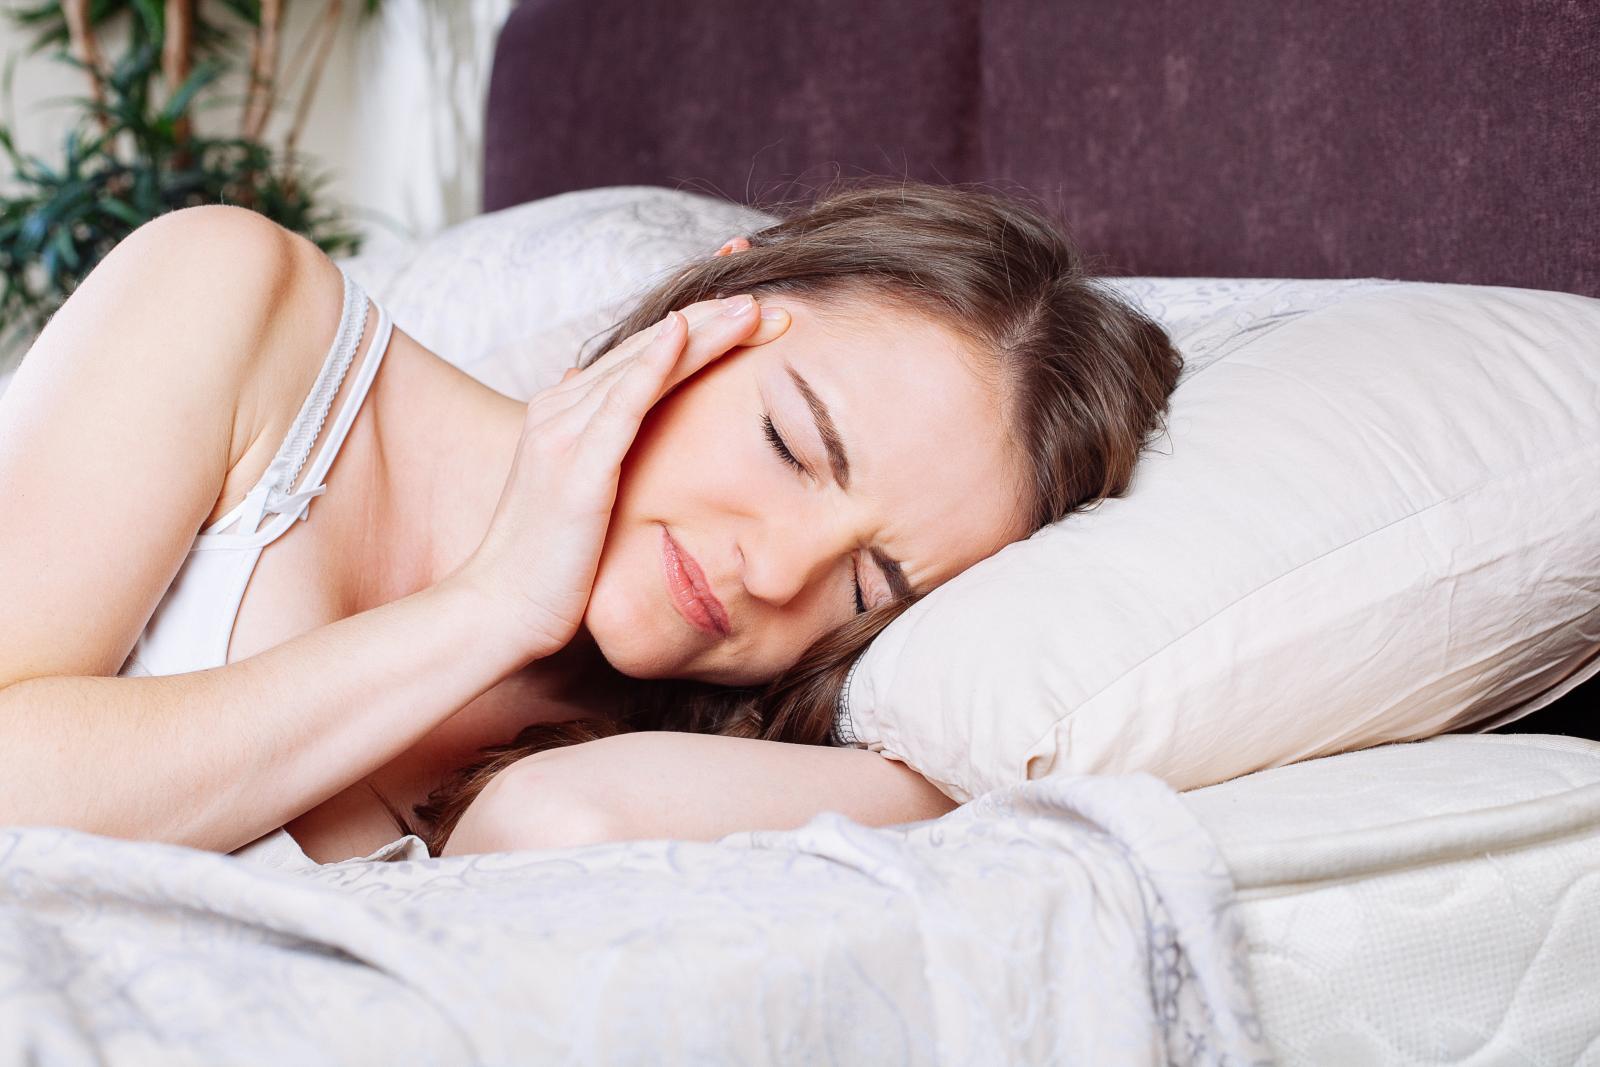 """""""ปวดหัว"""" จนนอนไม่หลับ สัญญาณเตือนสุขภาพที่ไม่ควรมองข้าม"""